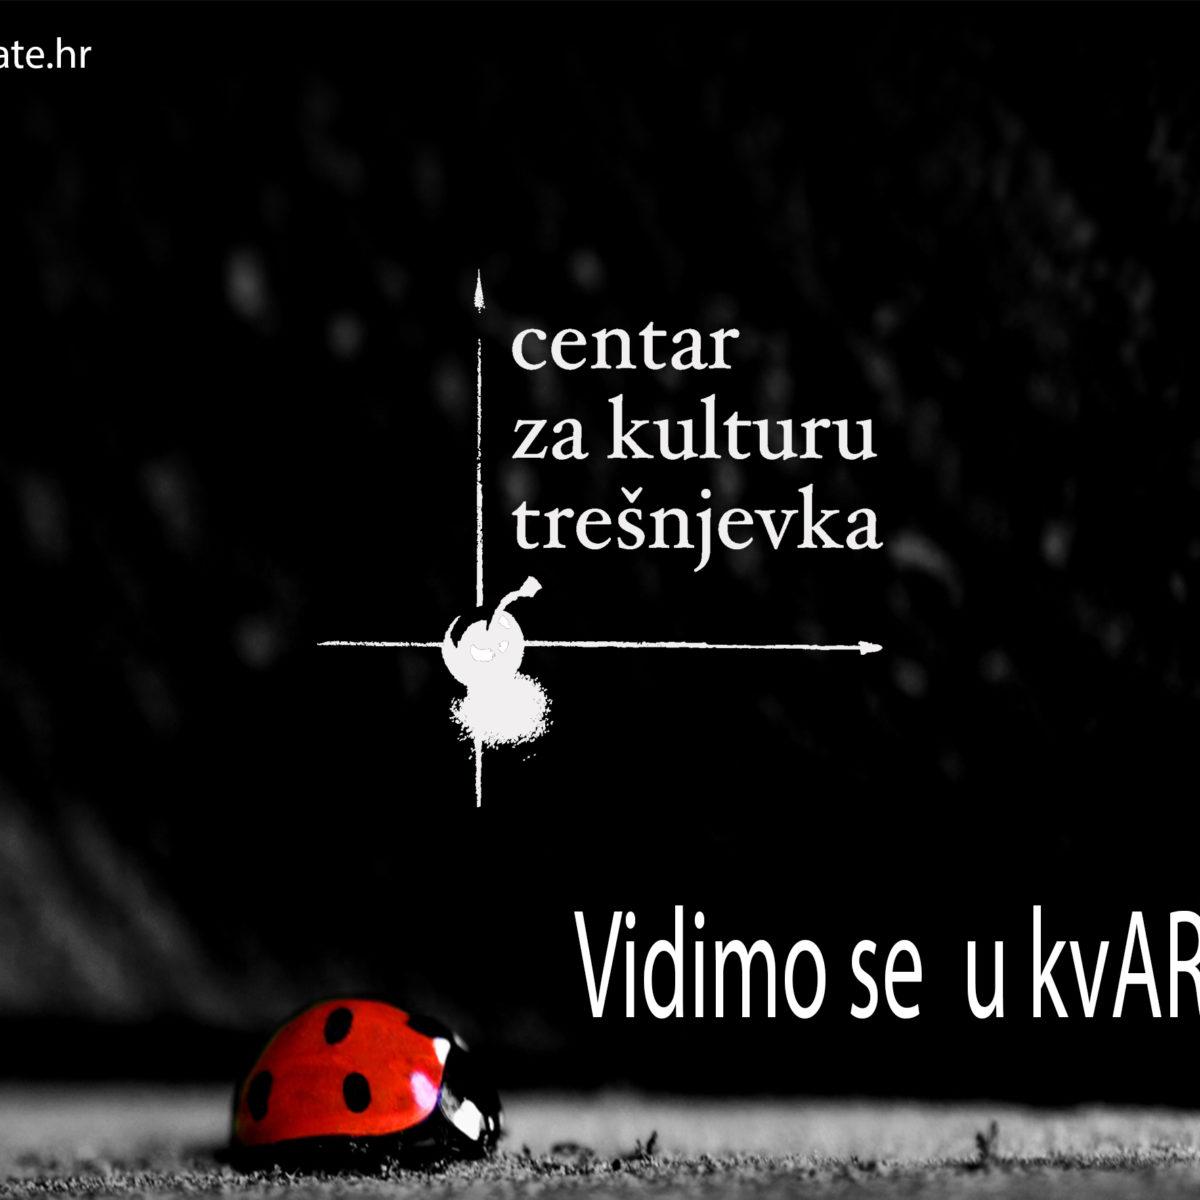 CeKaTe u kvARTu_ Bubamara Vas čeka u 2017. s puno više iznenađenja